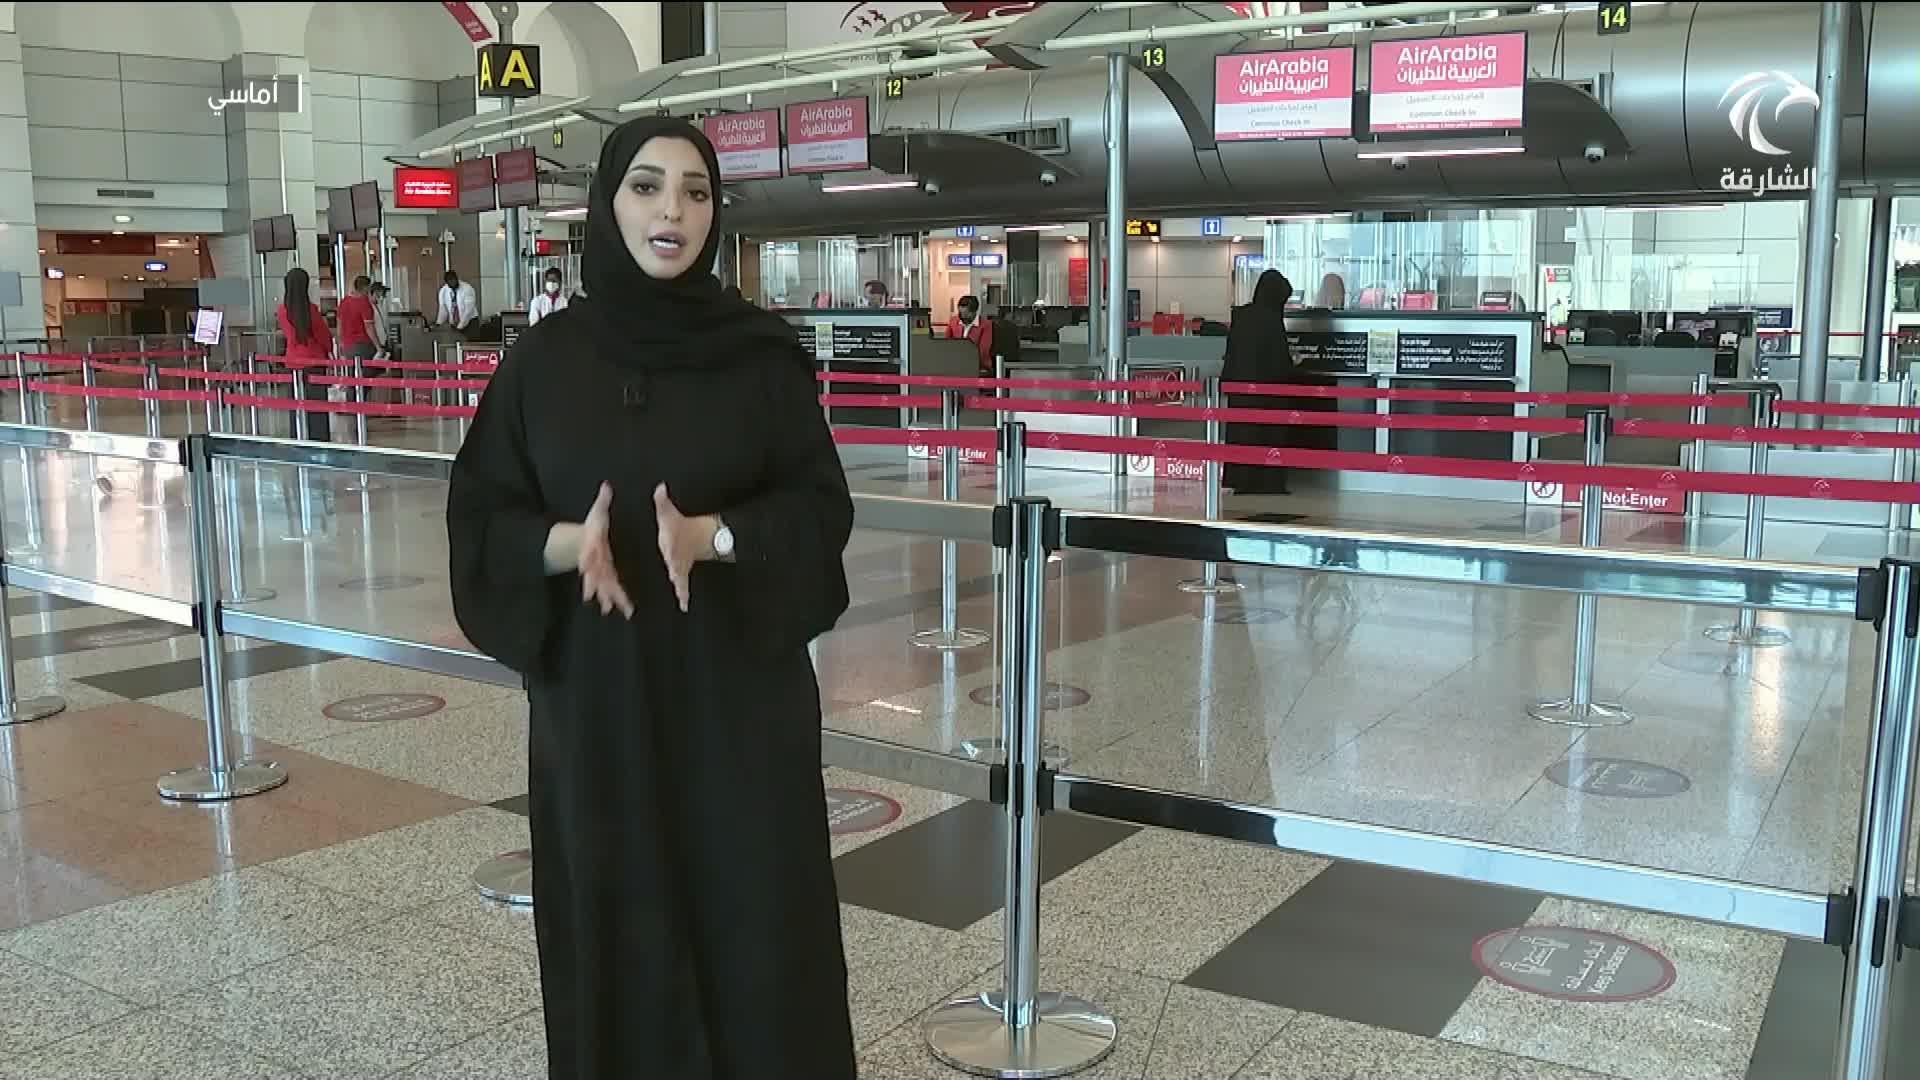 إجراءات السفر الجديدة في مطار الشارقة الدولي